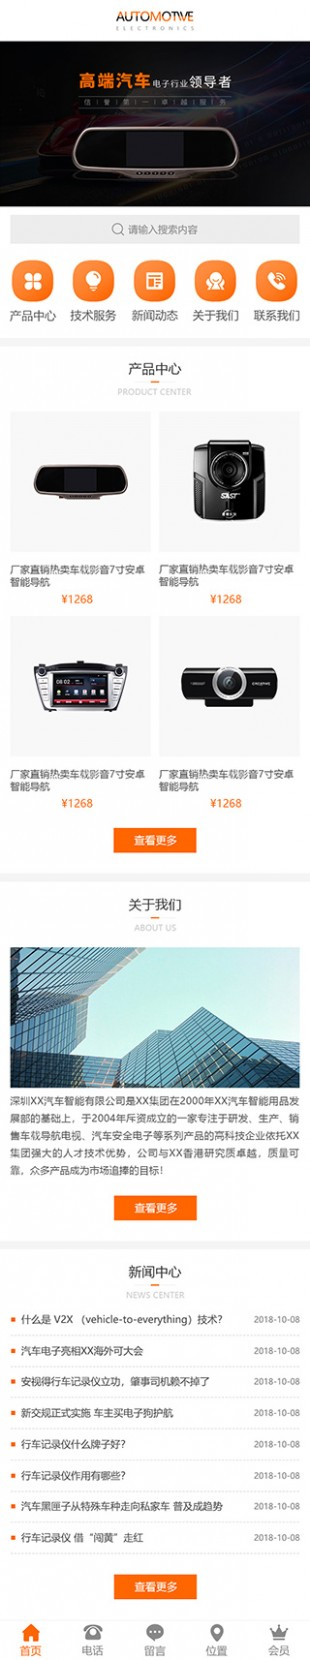 汽车电子网站建设模板手机图片